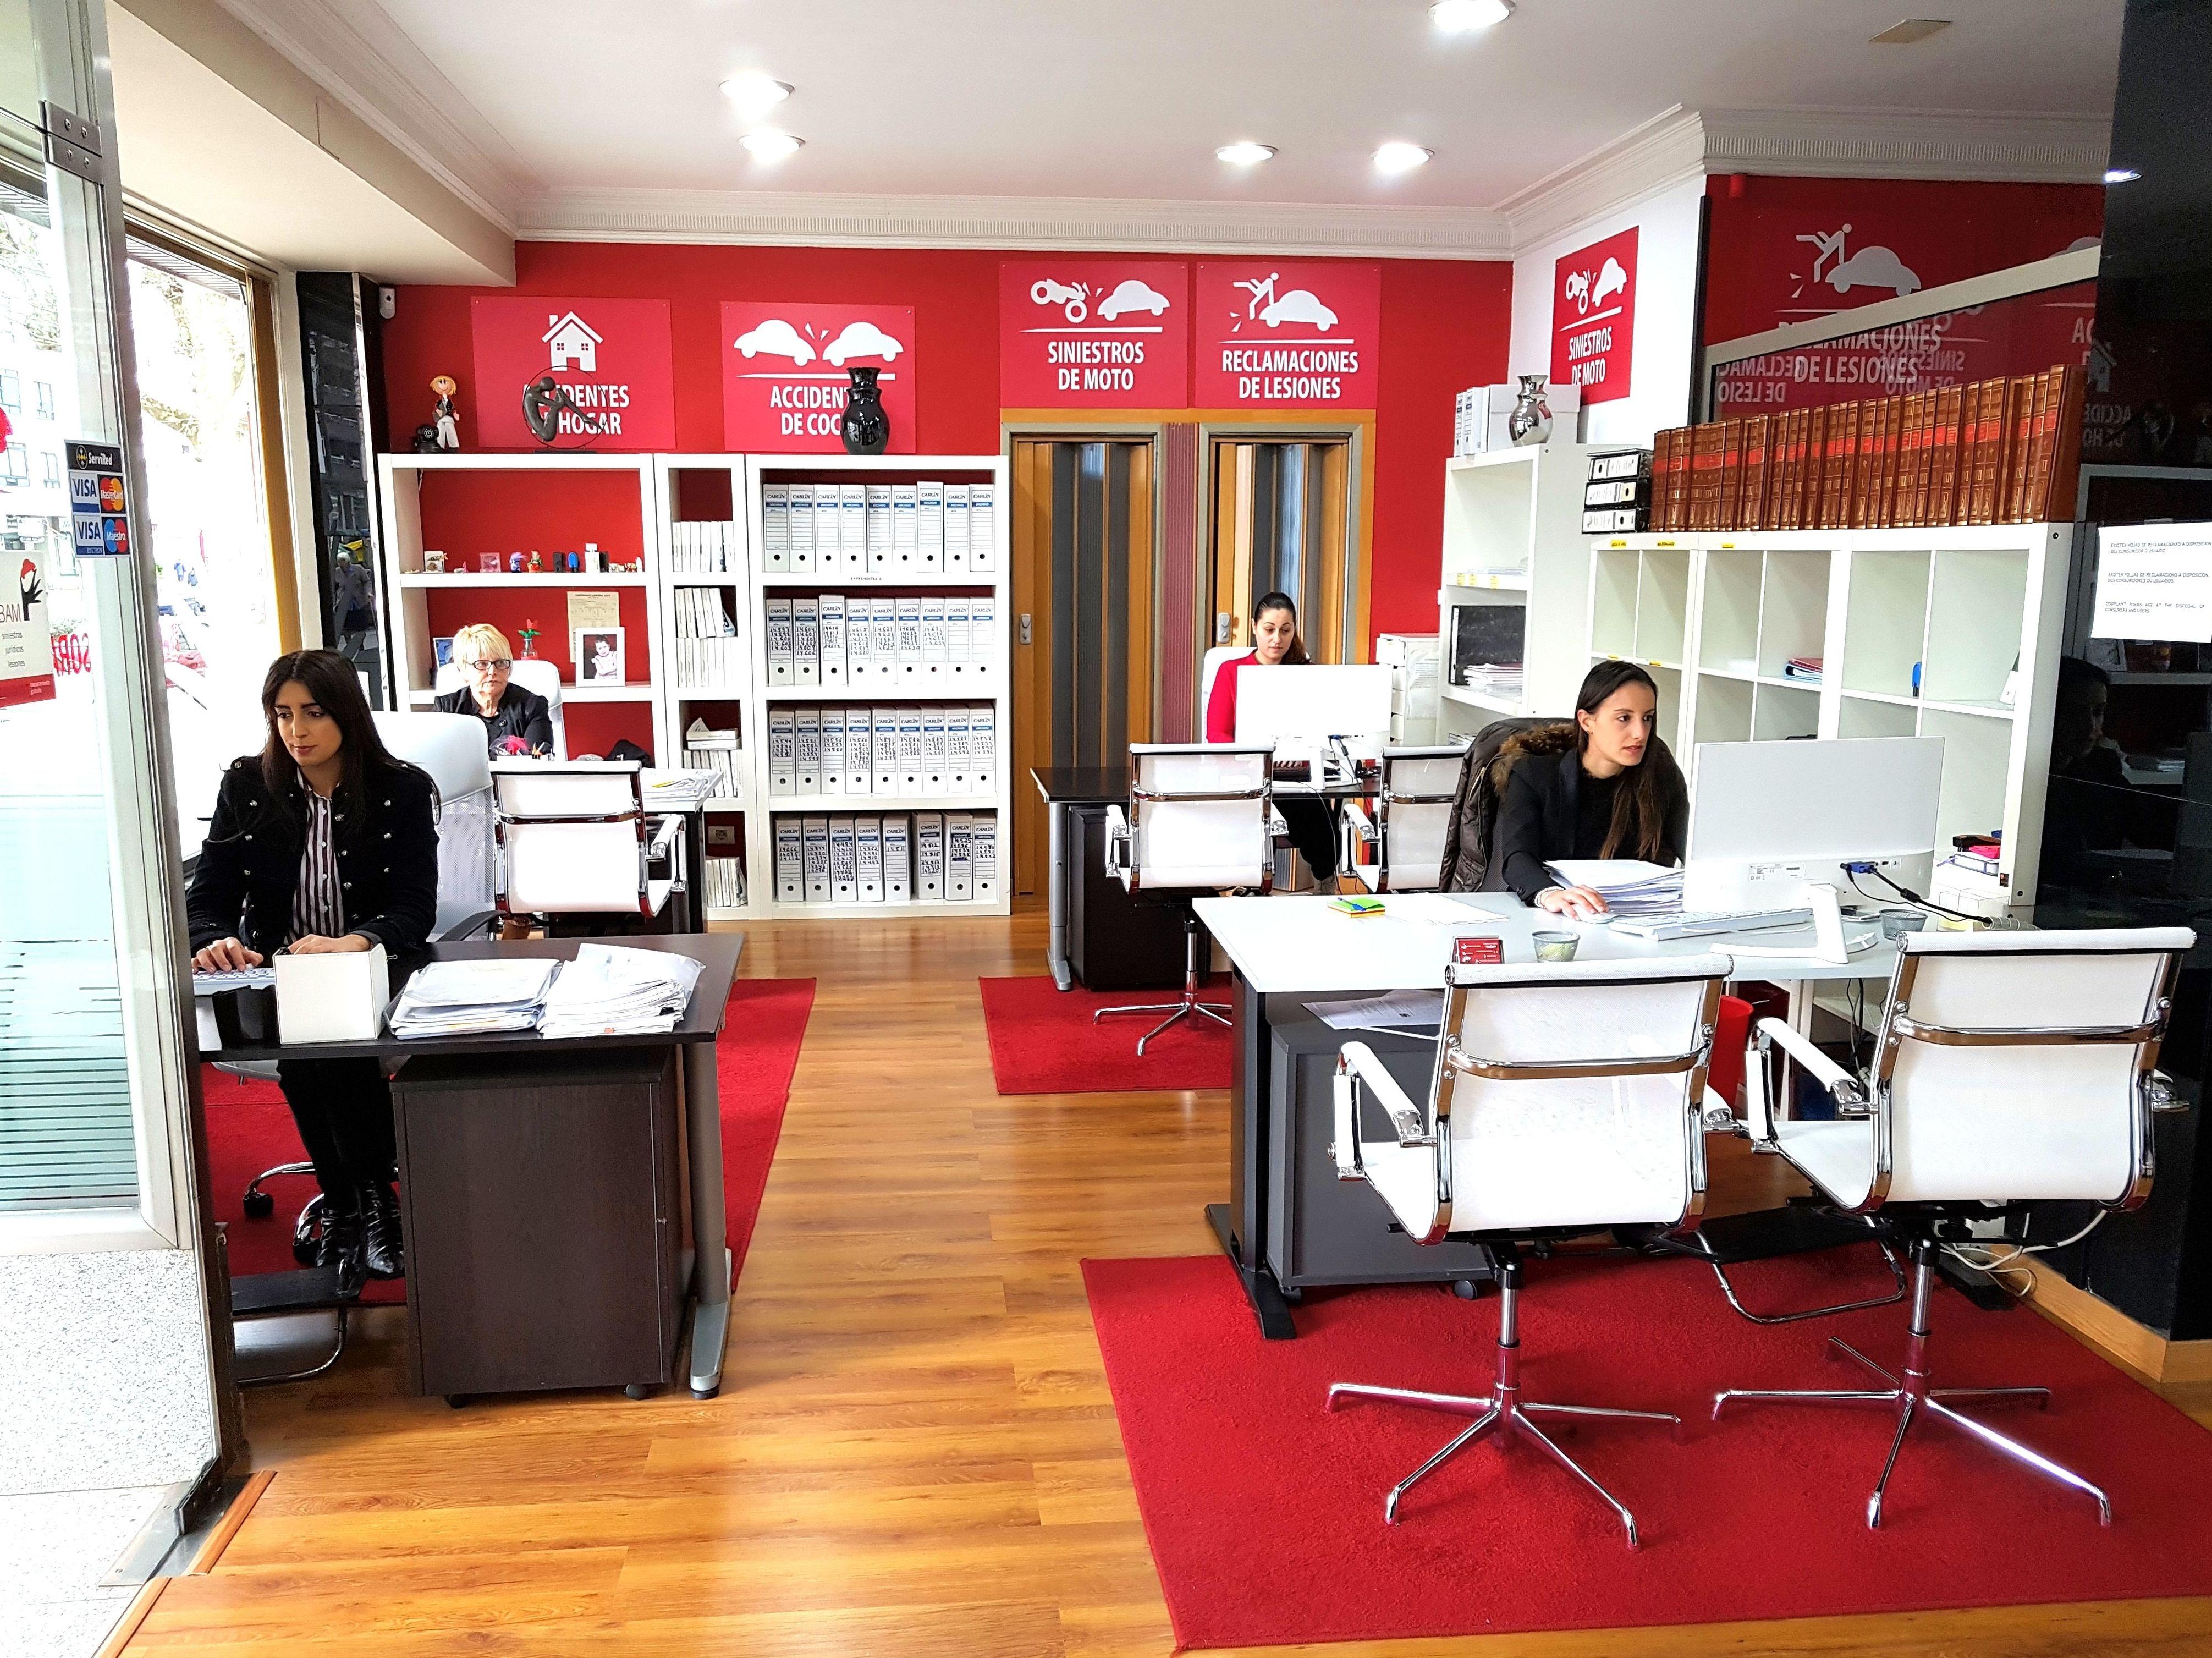 Foto 6 de Despacho de abogados especializado en indemnizaciones y reclamaciones en Vigo | Ferbam Reclamaciones